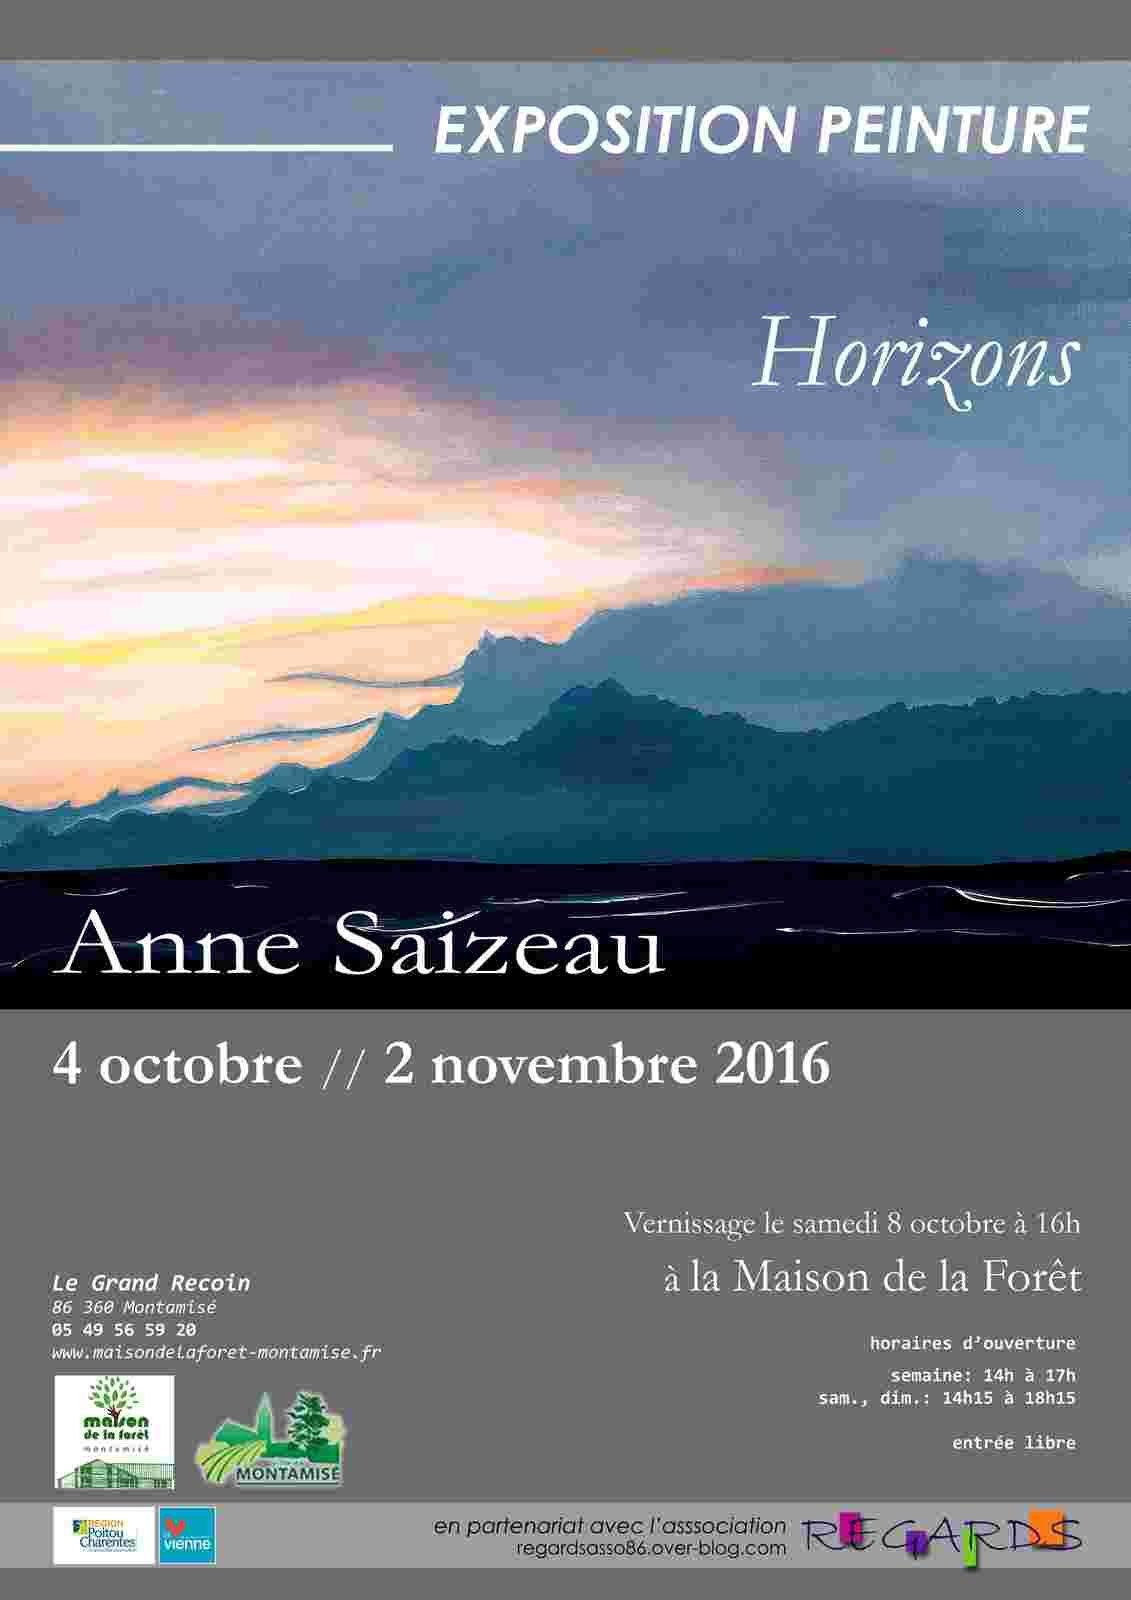 Exposition en octobre à la Maison de la Forêt de Montamisé